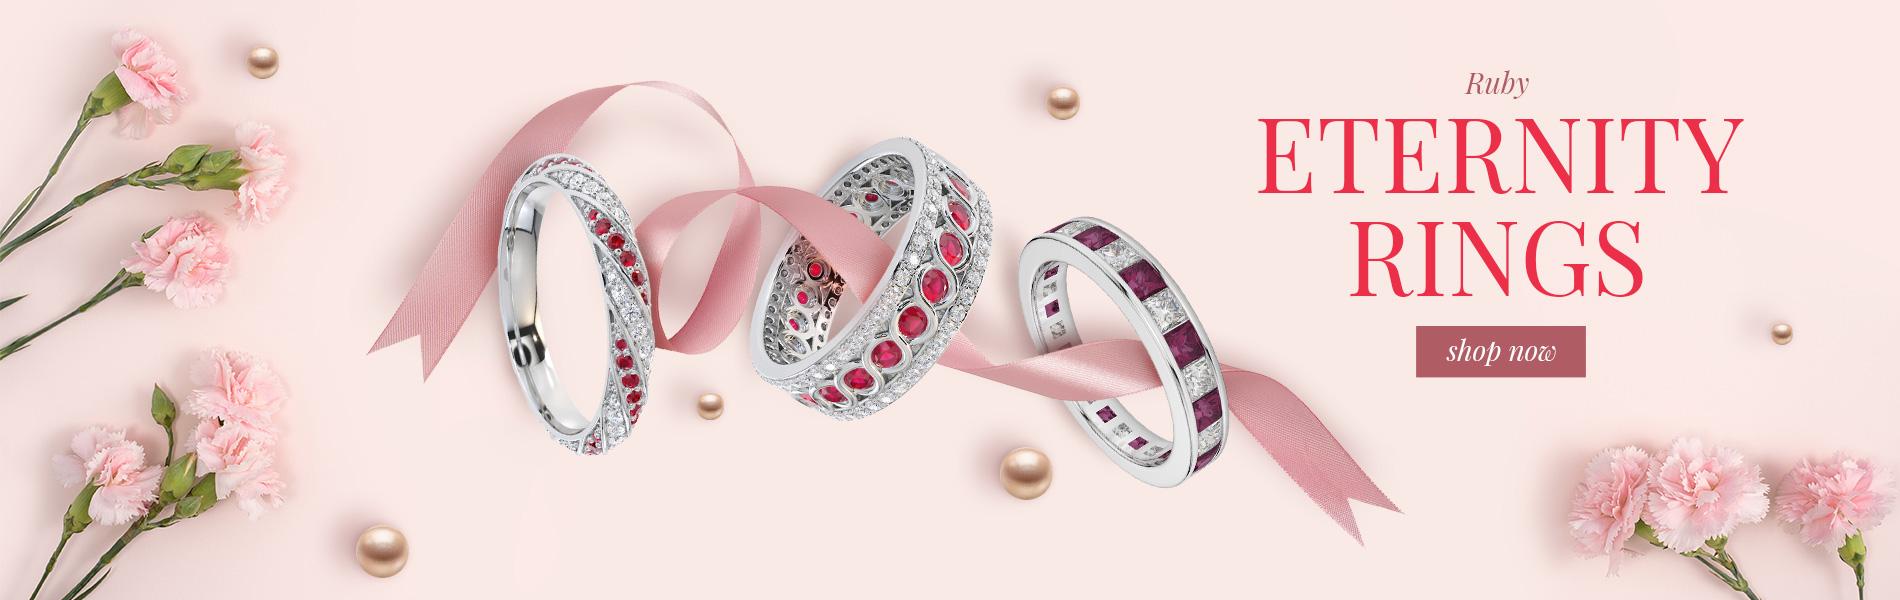 Ruby Eternity Rings